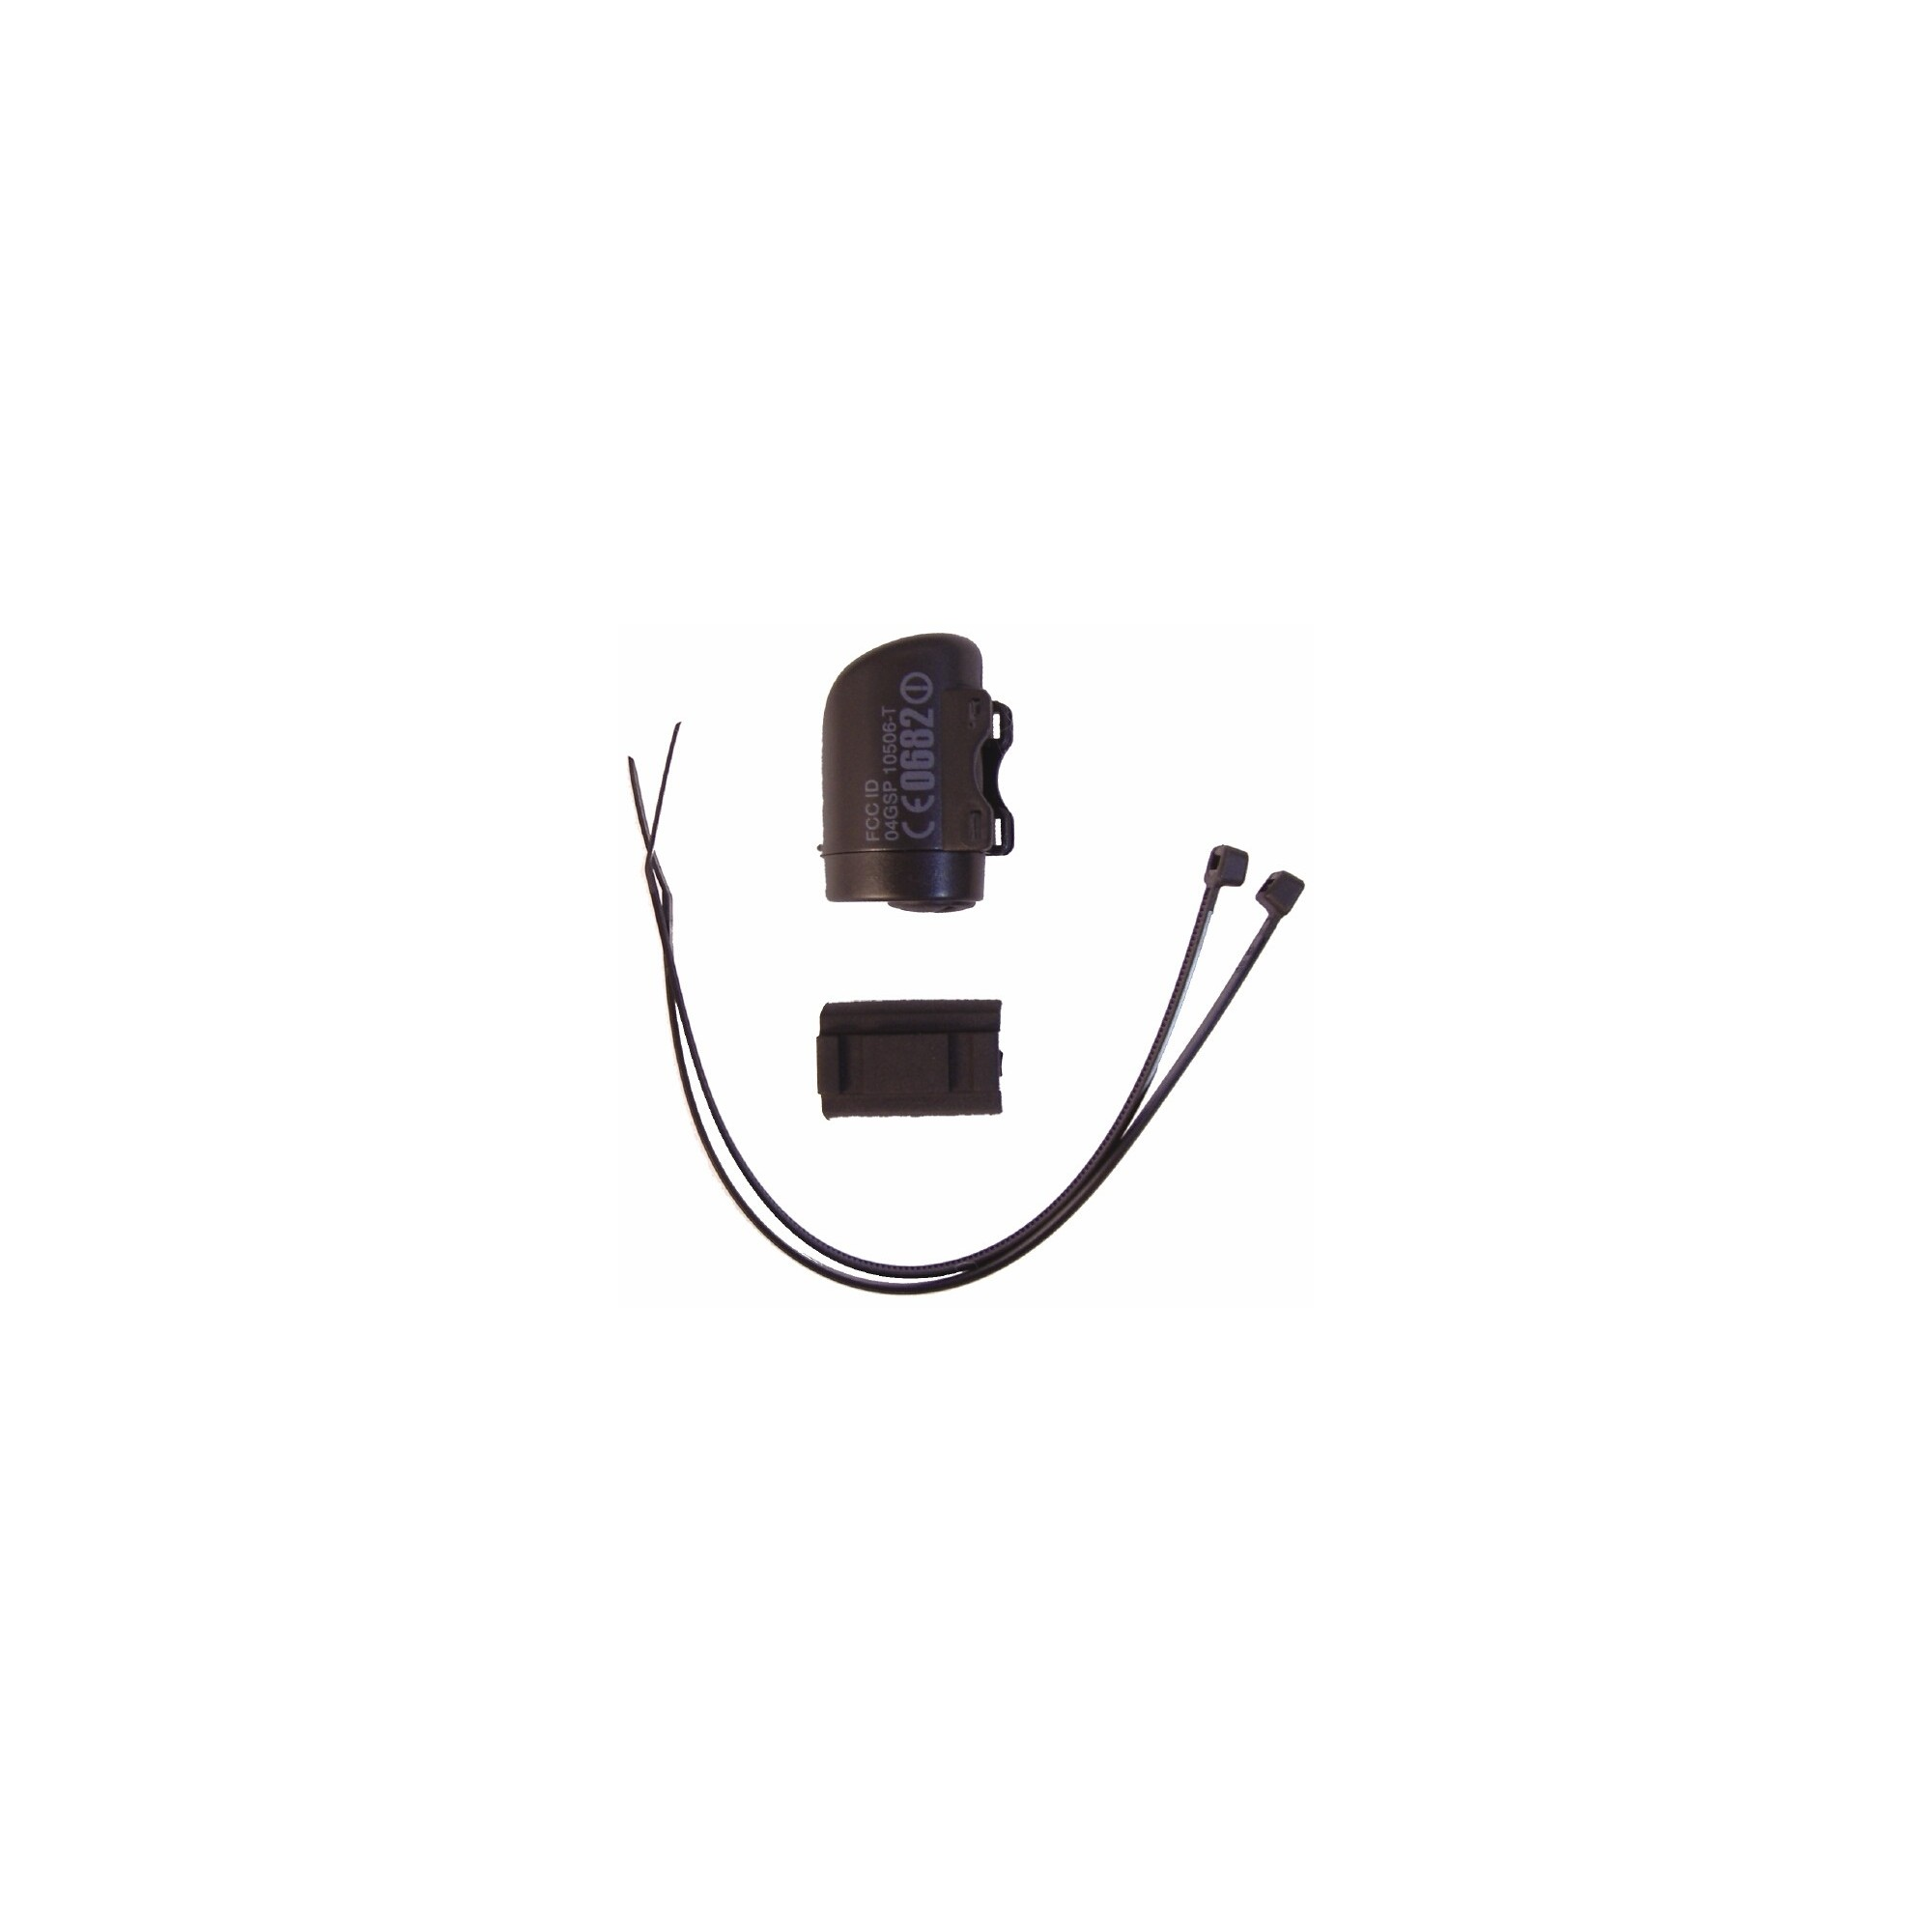 Capteur de vitesse sans fil Axact 14